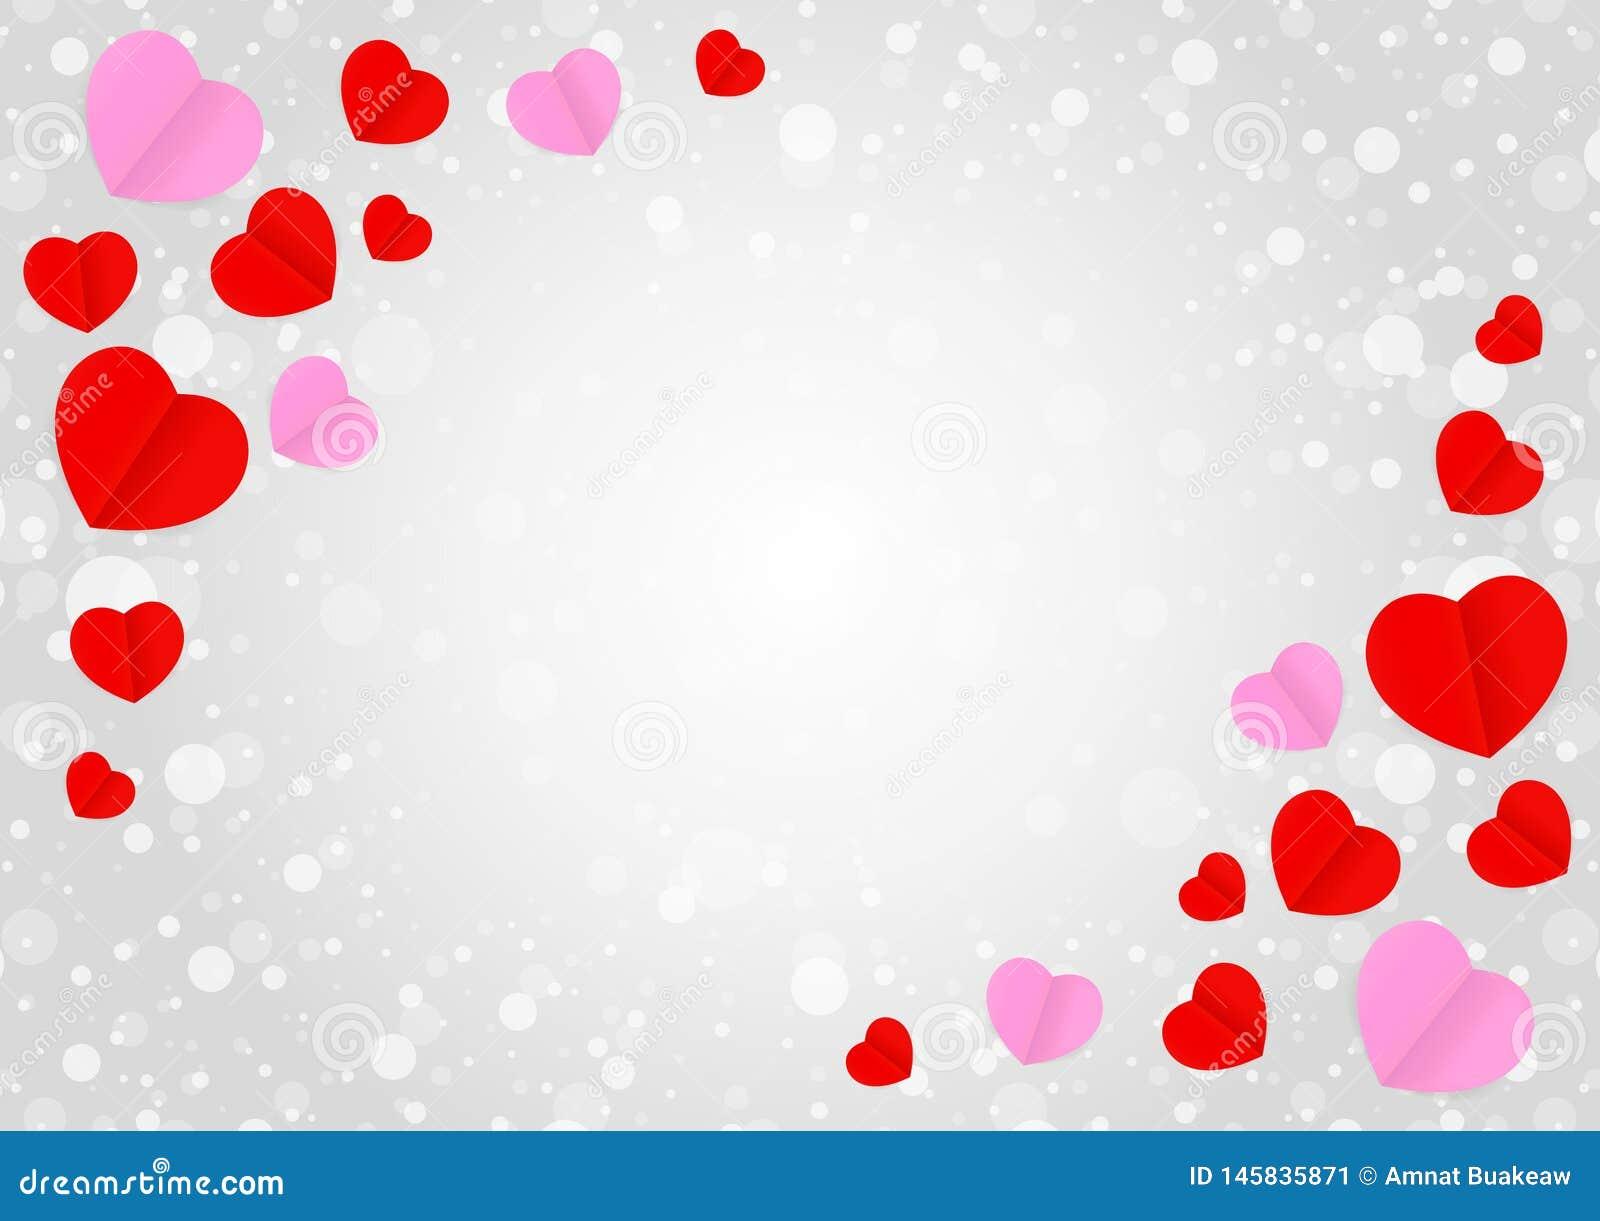 Το κενό γκρίζο πλαίσιο και η κόκκινη ρόδινη μορφή καρδιών για το γκρίζο υπόβαθρο καρτών βαλεντίνων εμβλημάτων προτύπων, πολλές κα